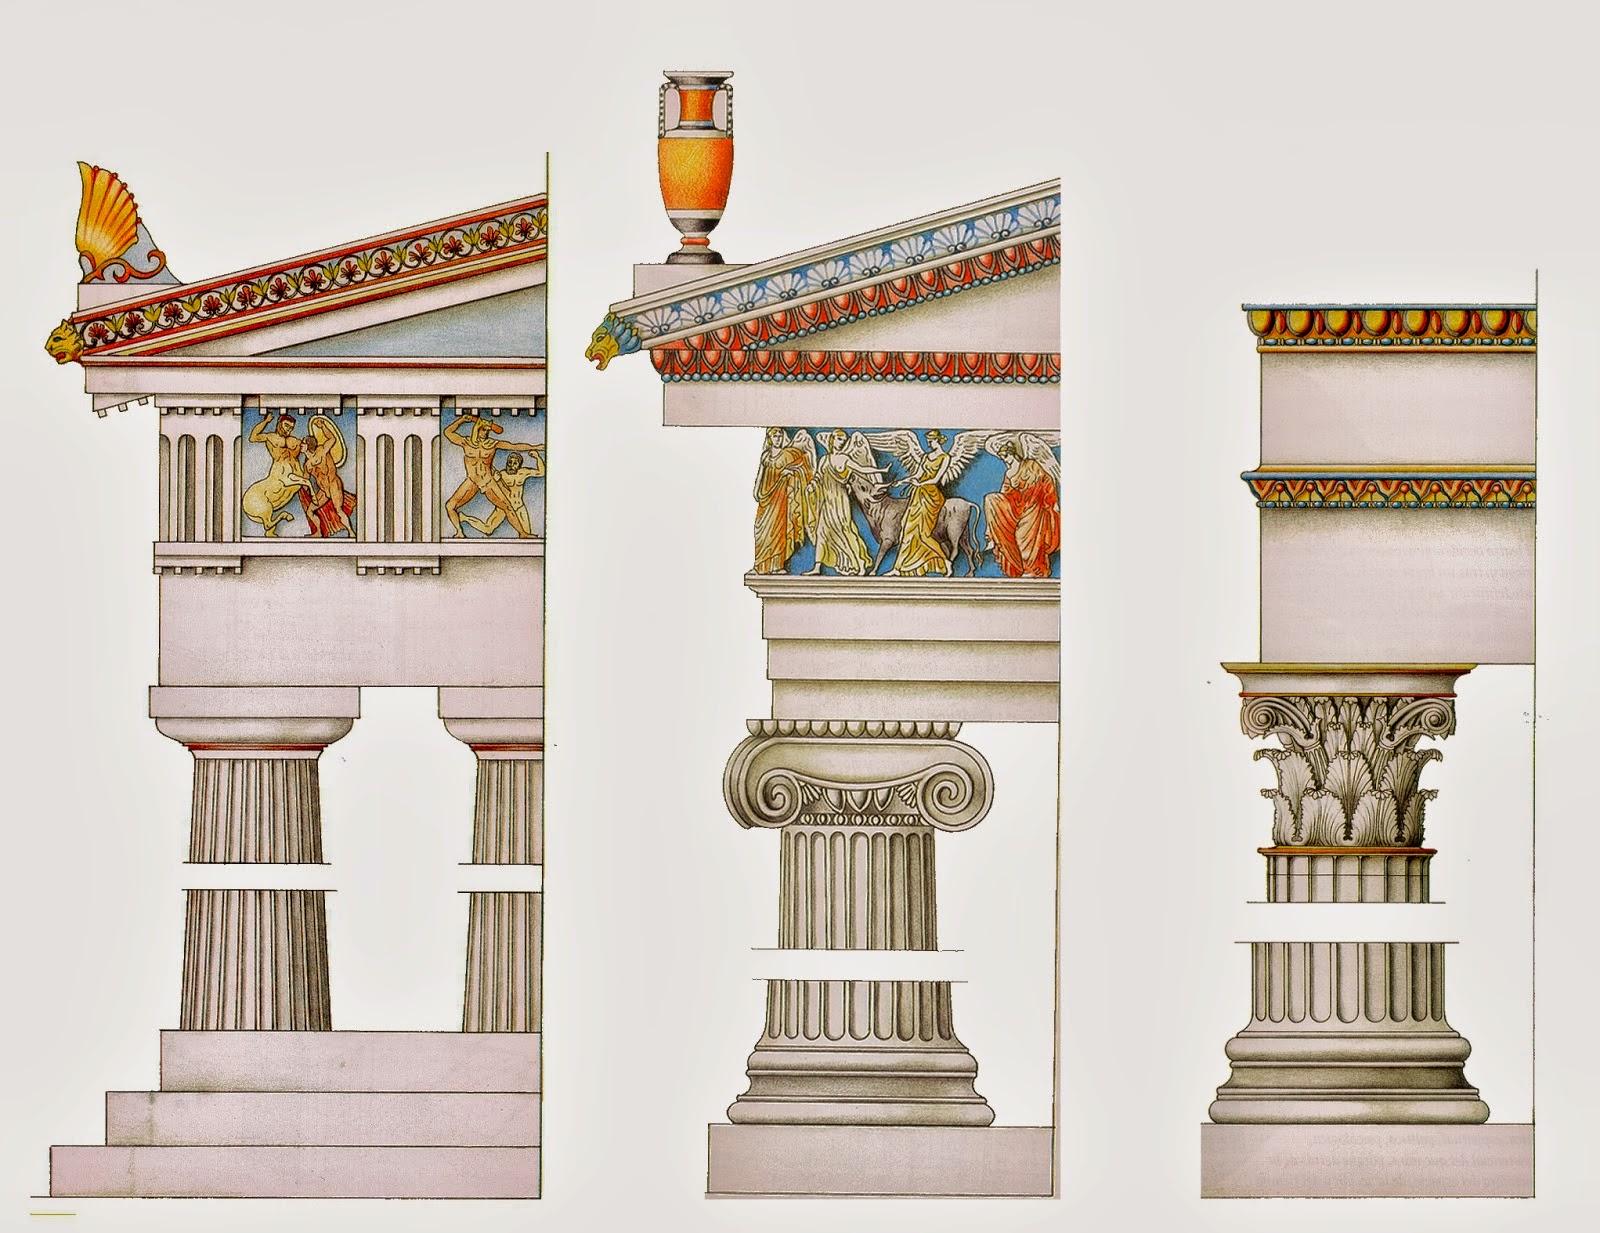 Blog de sociales 1 eso arte griego i arquitectura for Arquitectura griega templos